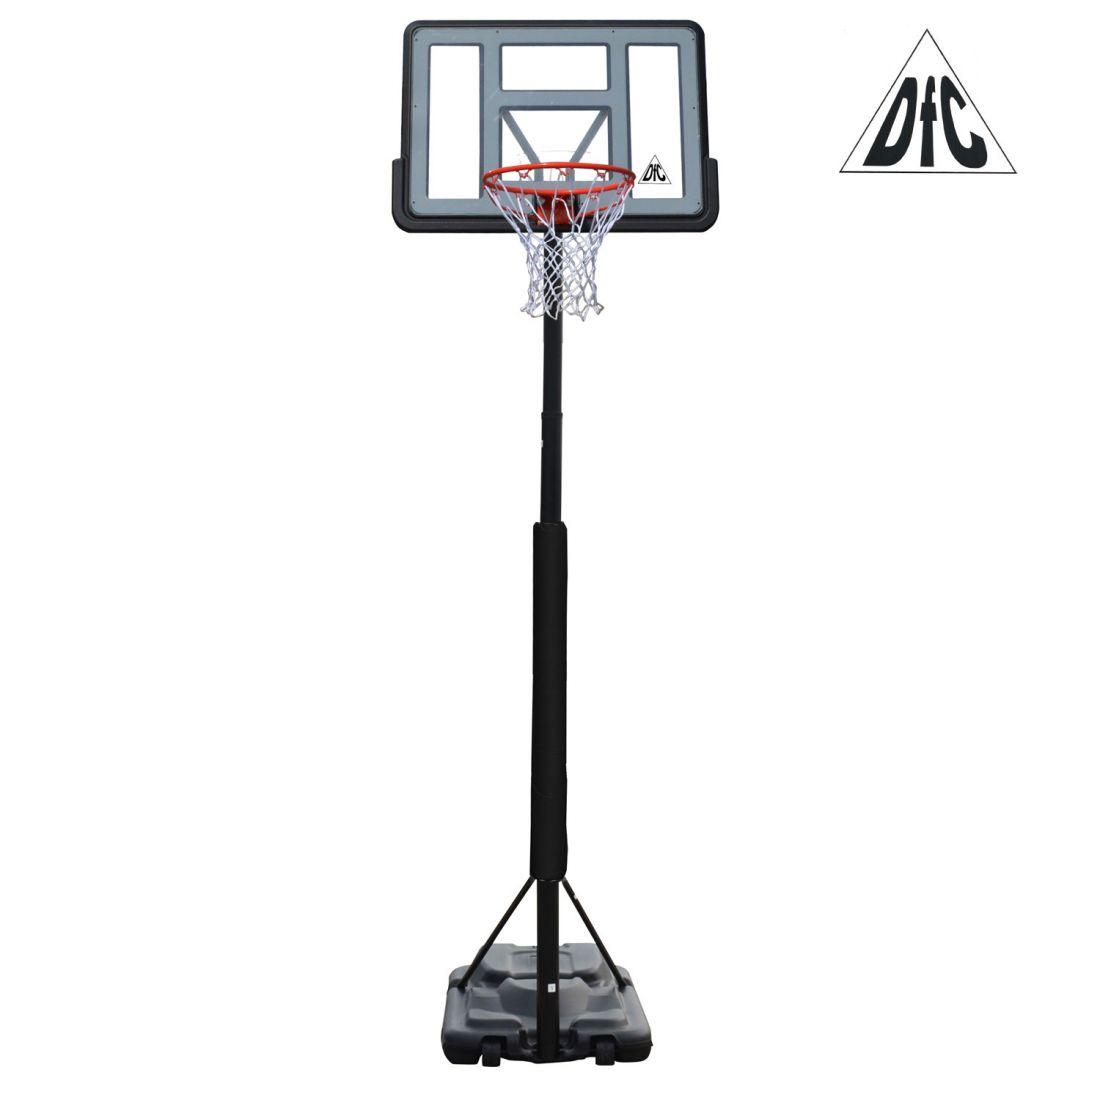 Мобильная баскетбольная стойка - DFC STAND44PVC3